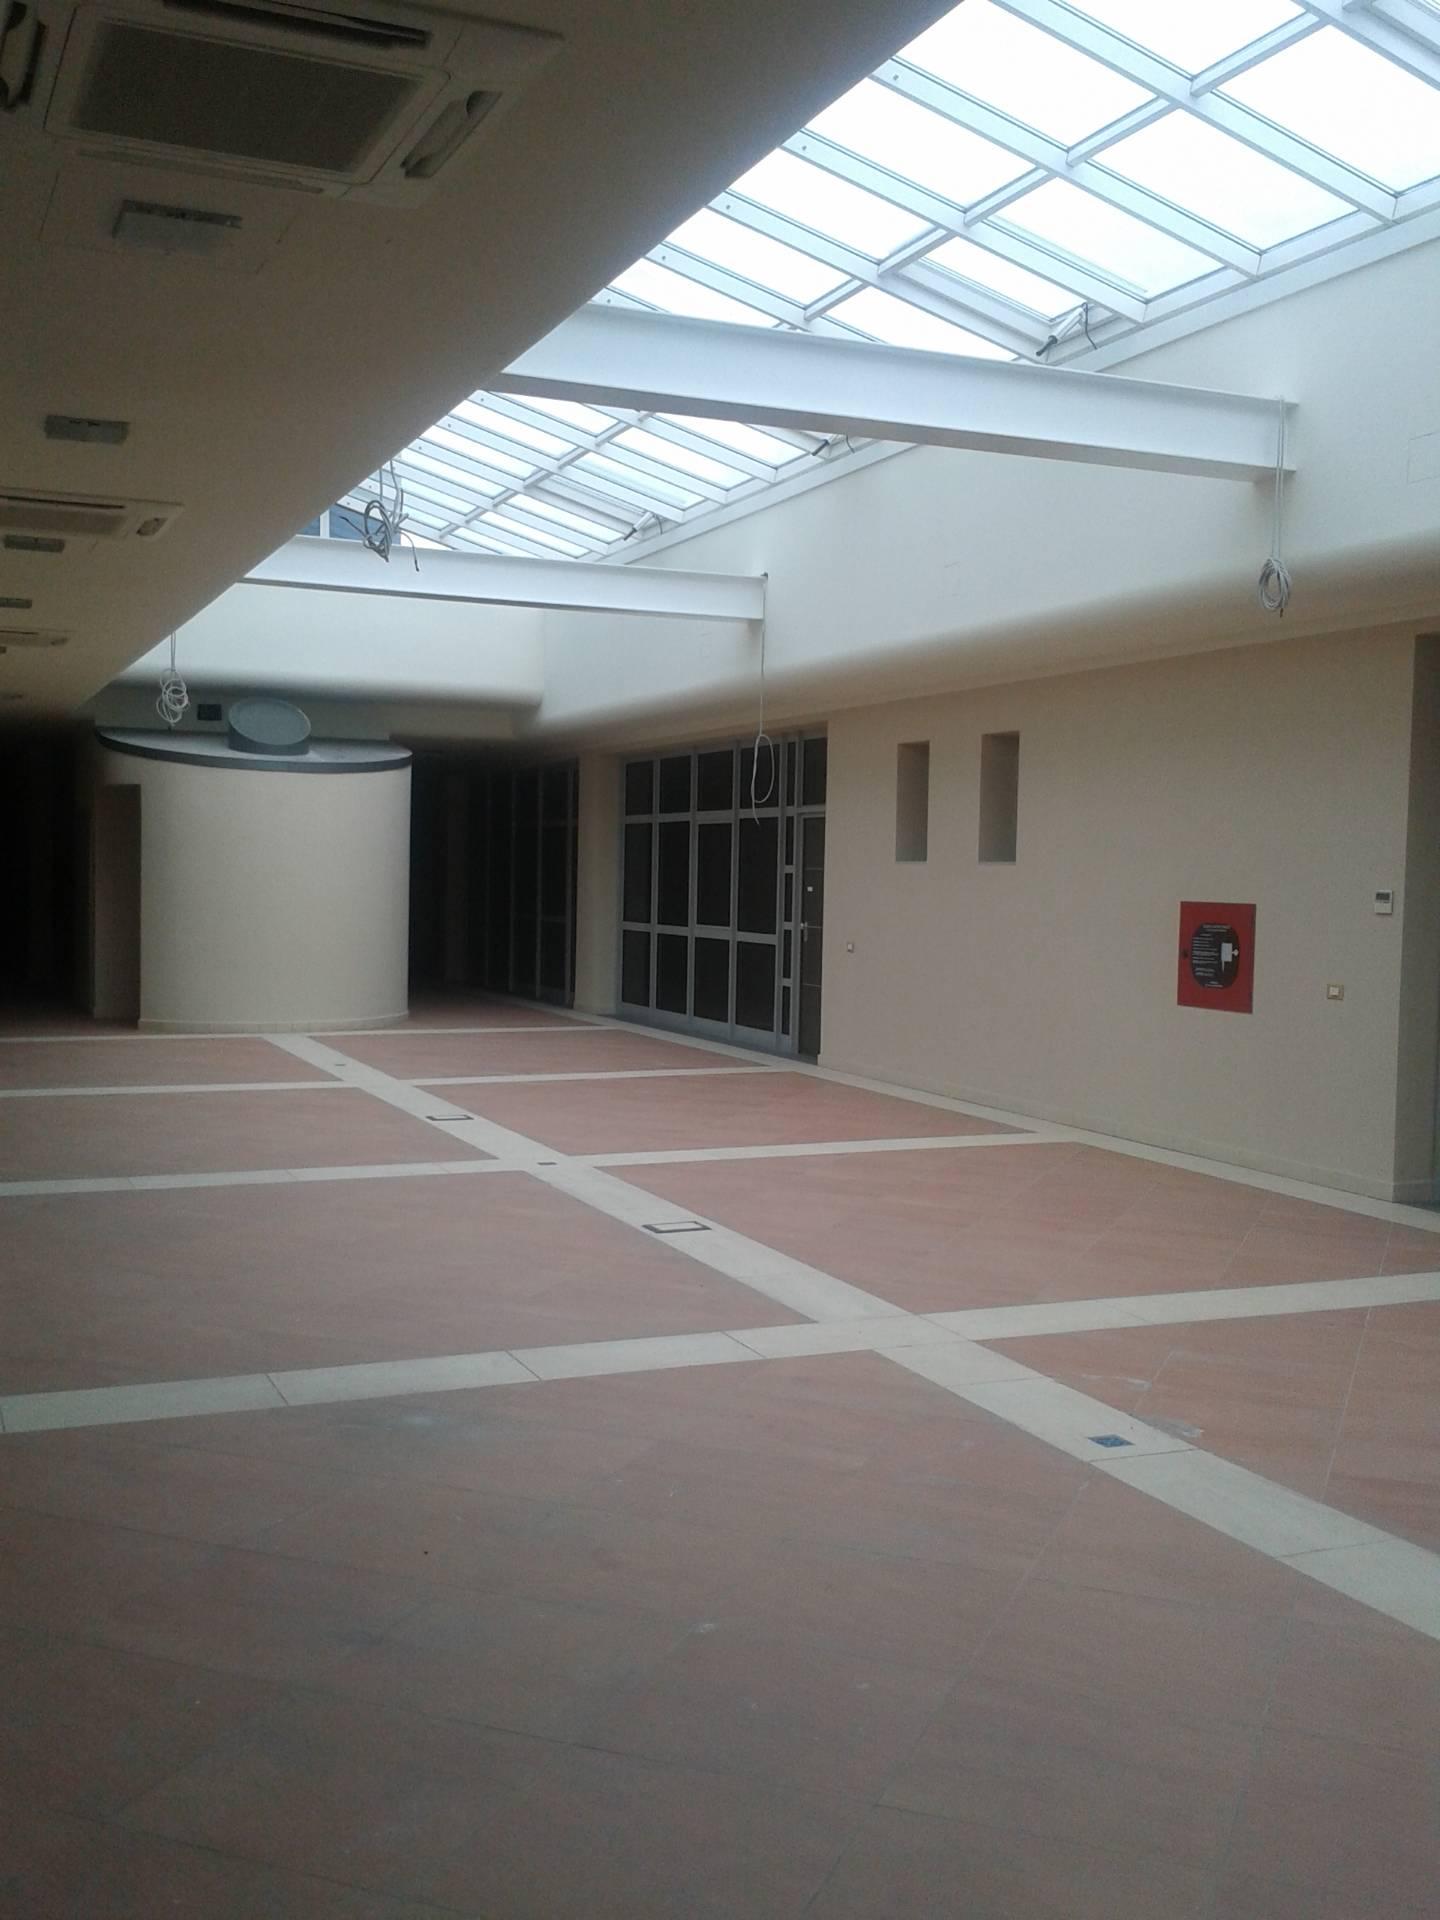 Ufficio / Studio in affitto a Montelupo Fiorentino, 9999 locali, zona Zona: Fibbiana, prezzo € 1.500 | CambioCasa.it